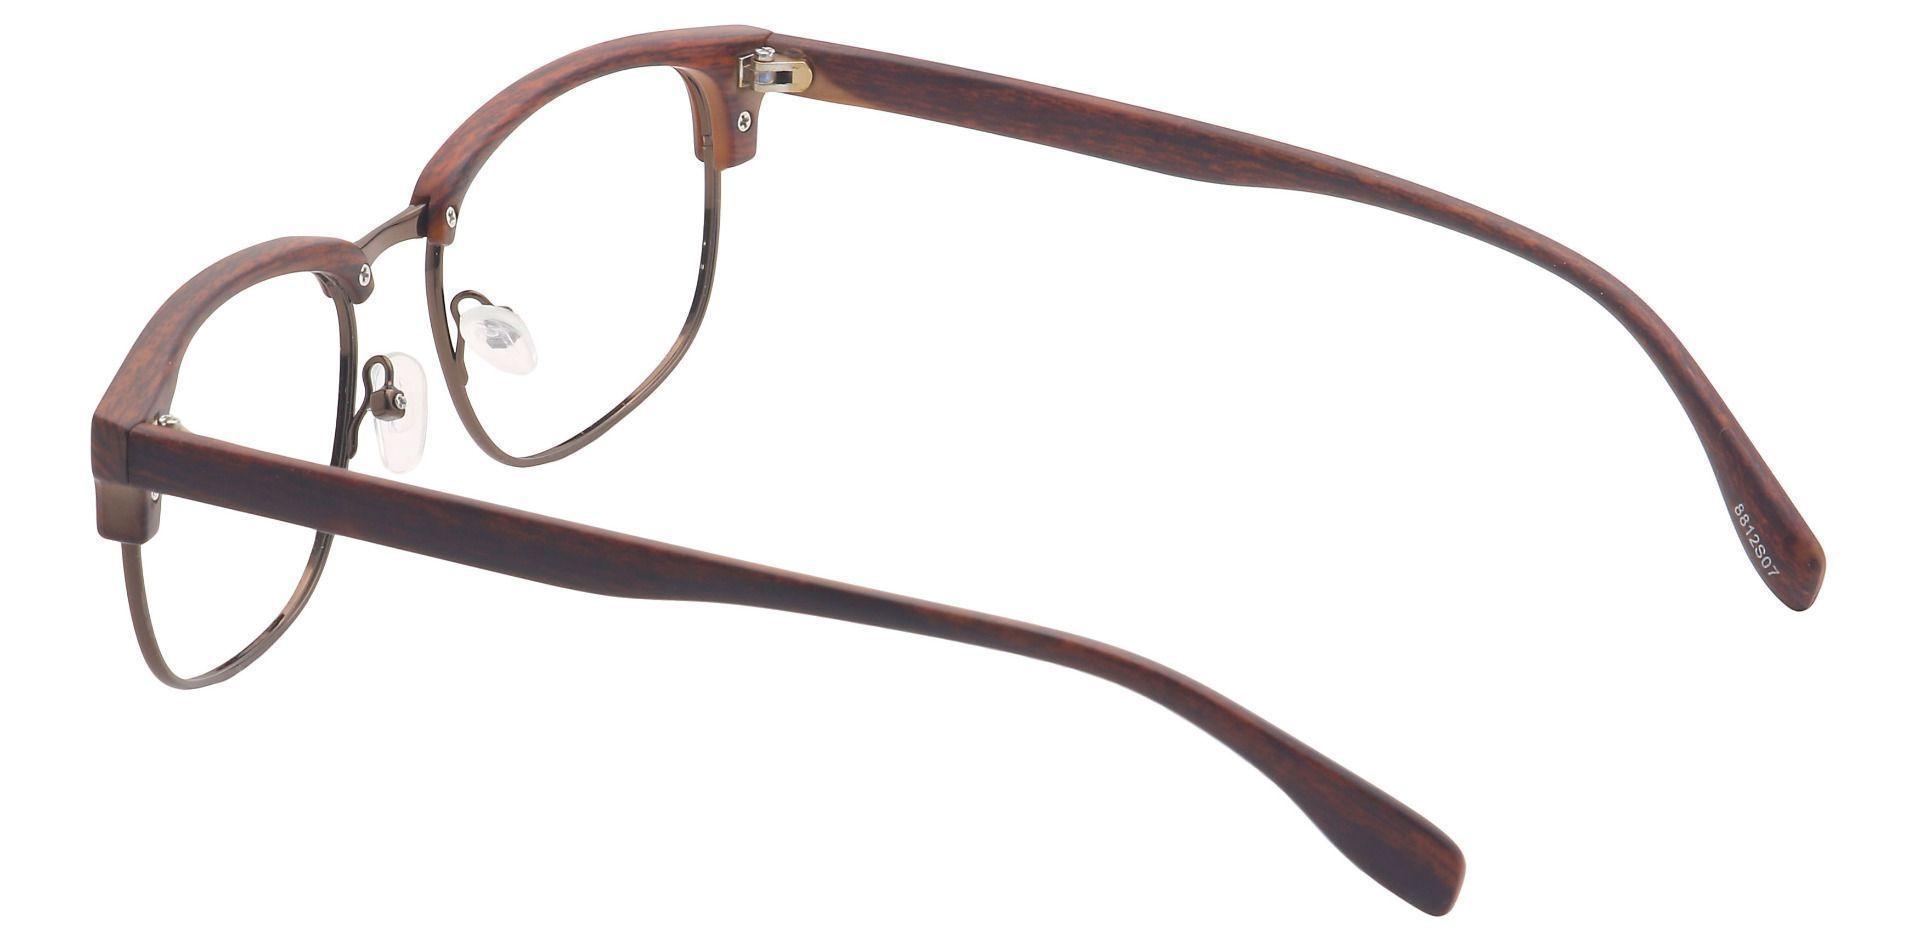 Alvin Browline Prescription Glasses - Striped